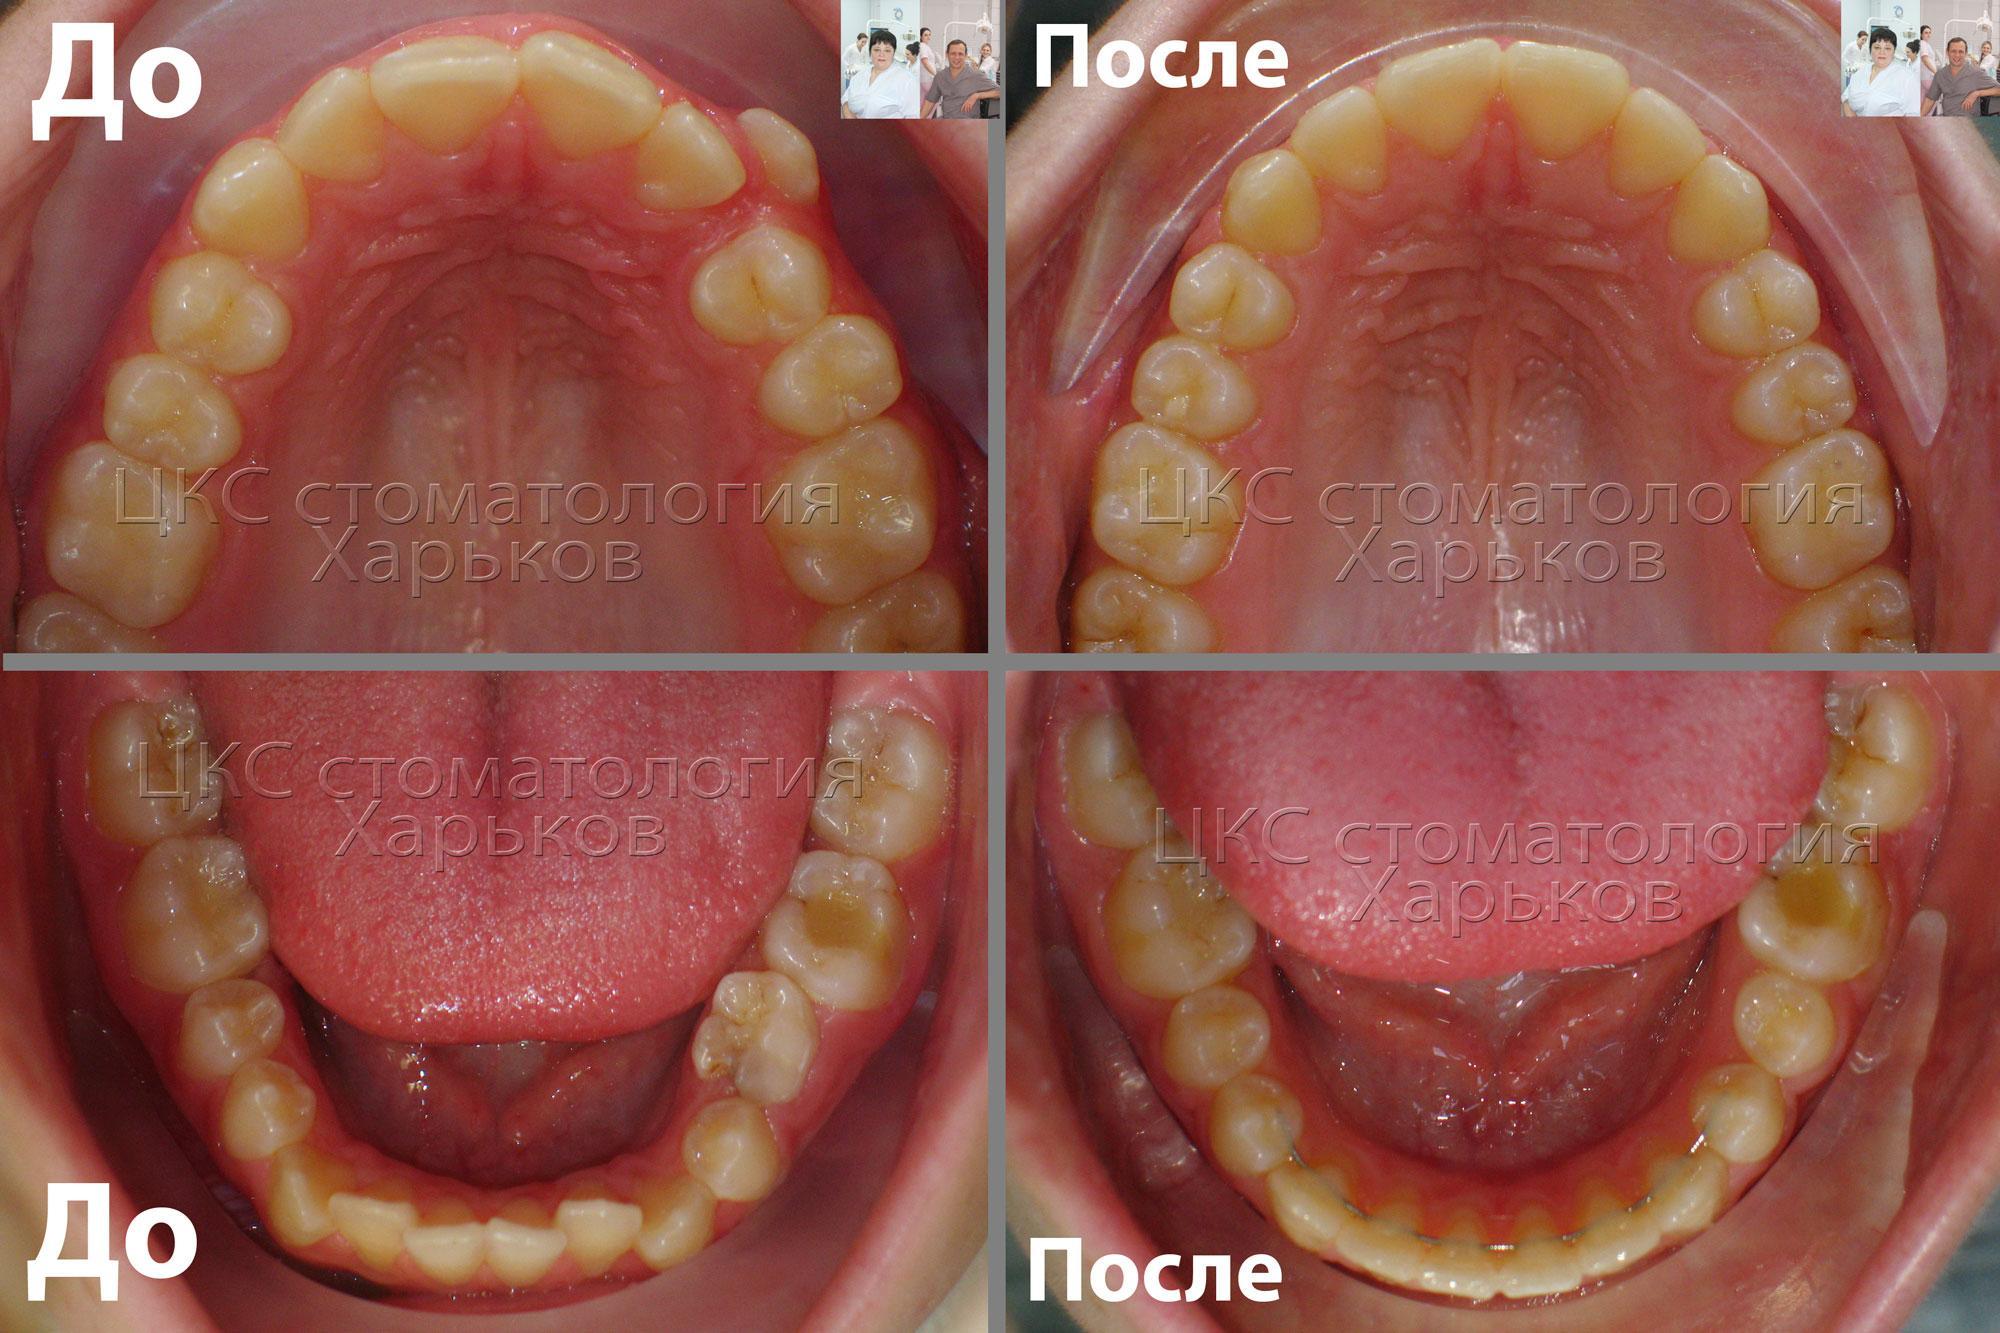 Лечение брекетами. Фото зубного ряда до и после